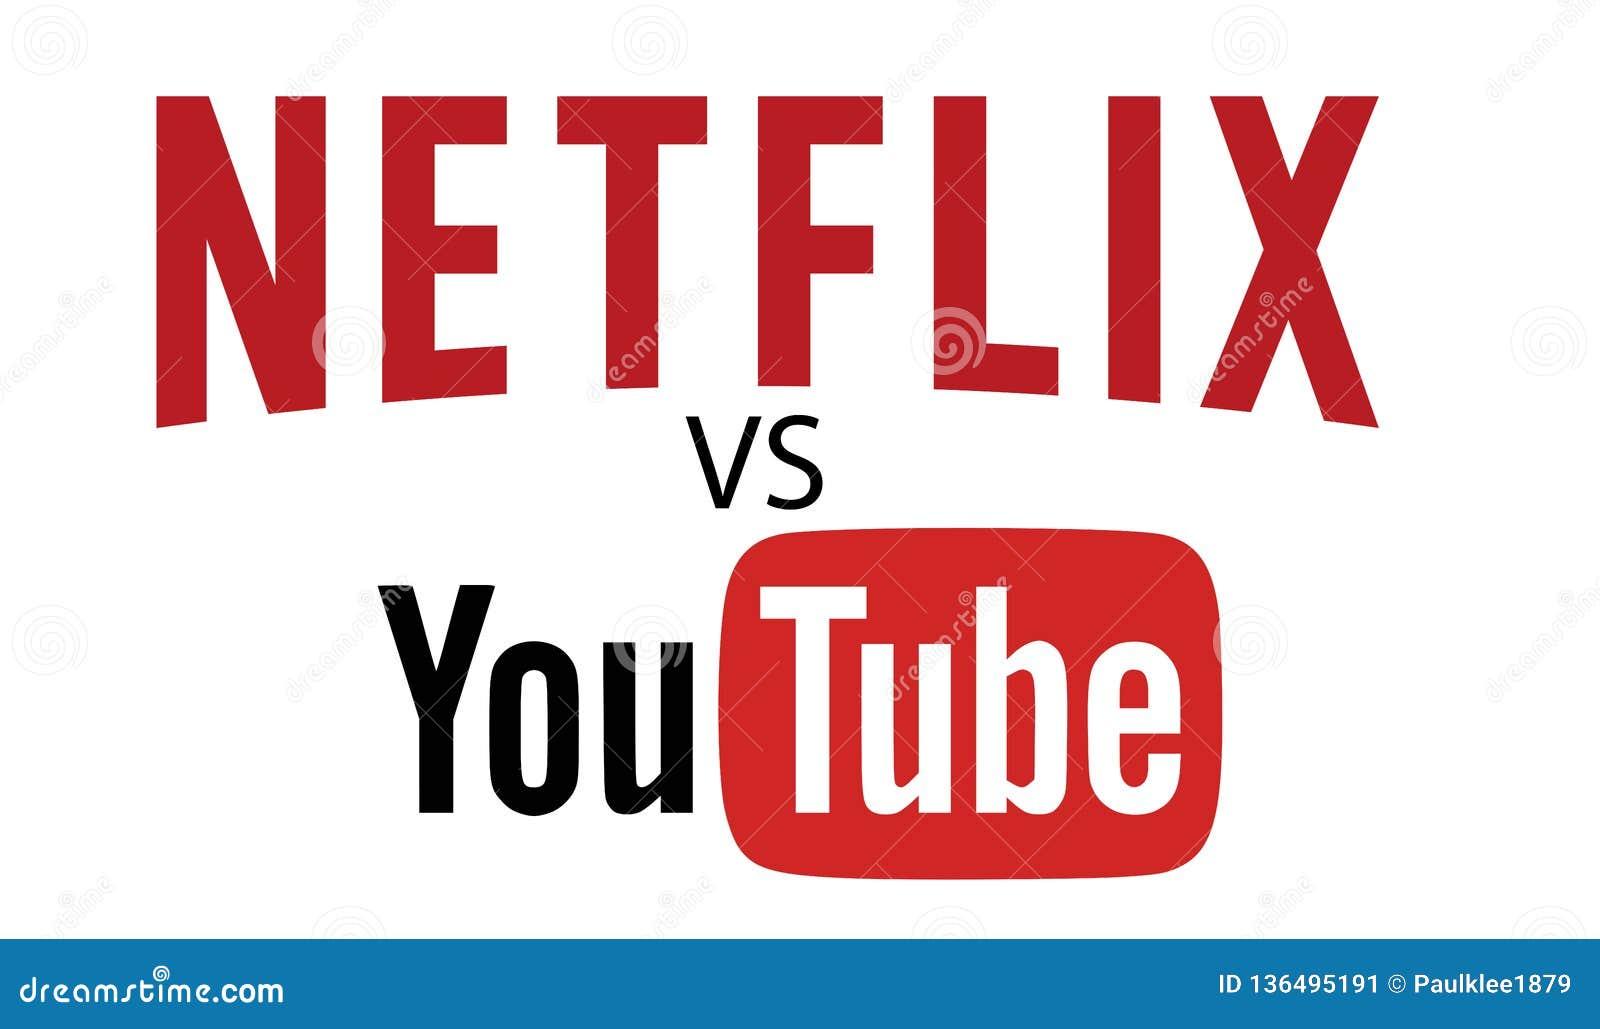 Netflix VS YOUTUBE Logo Editorial Vector Editorial Photo